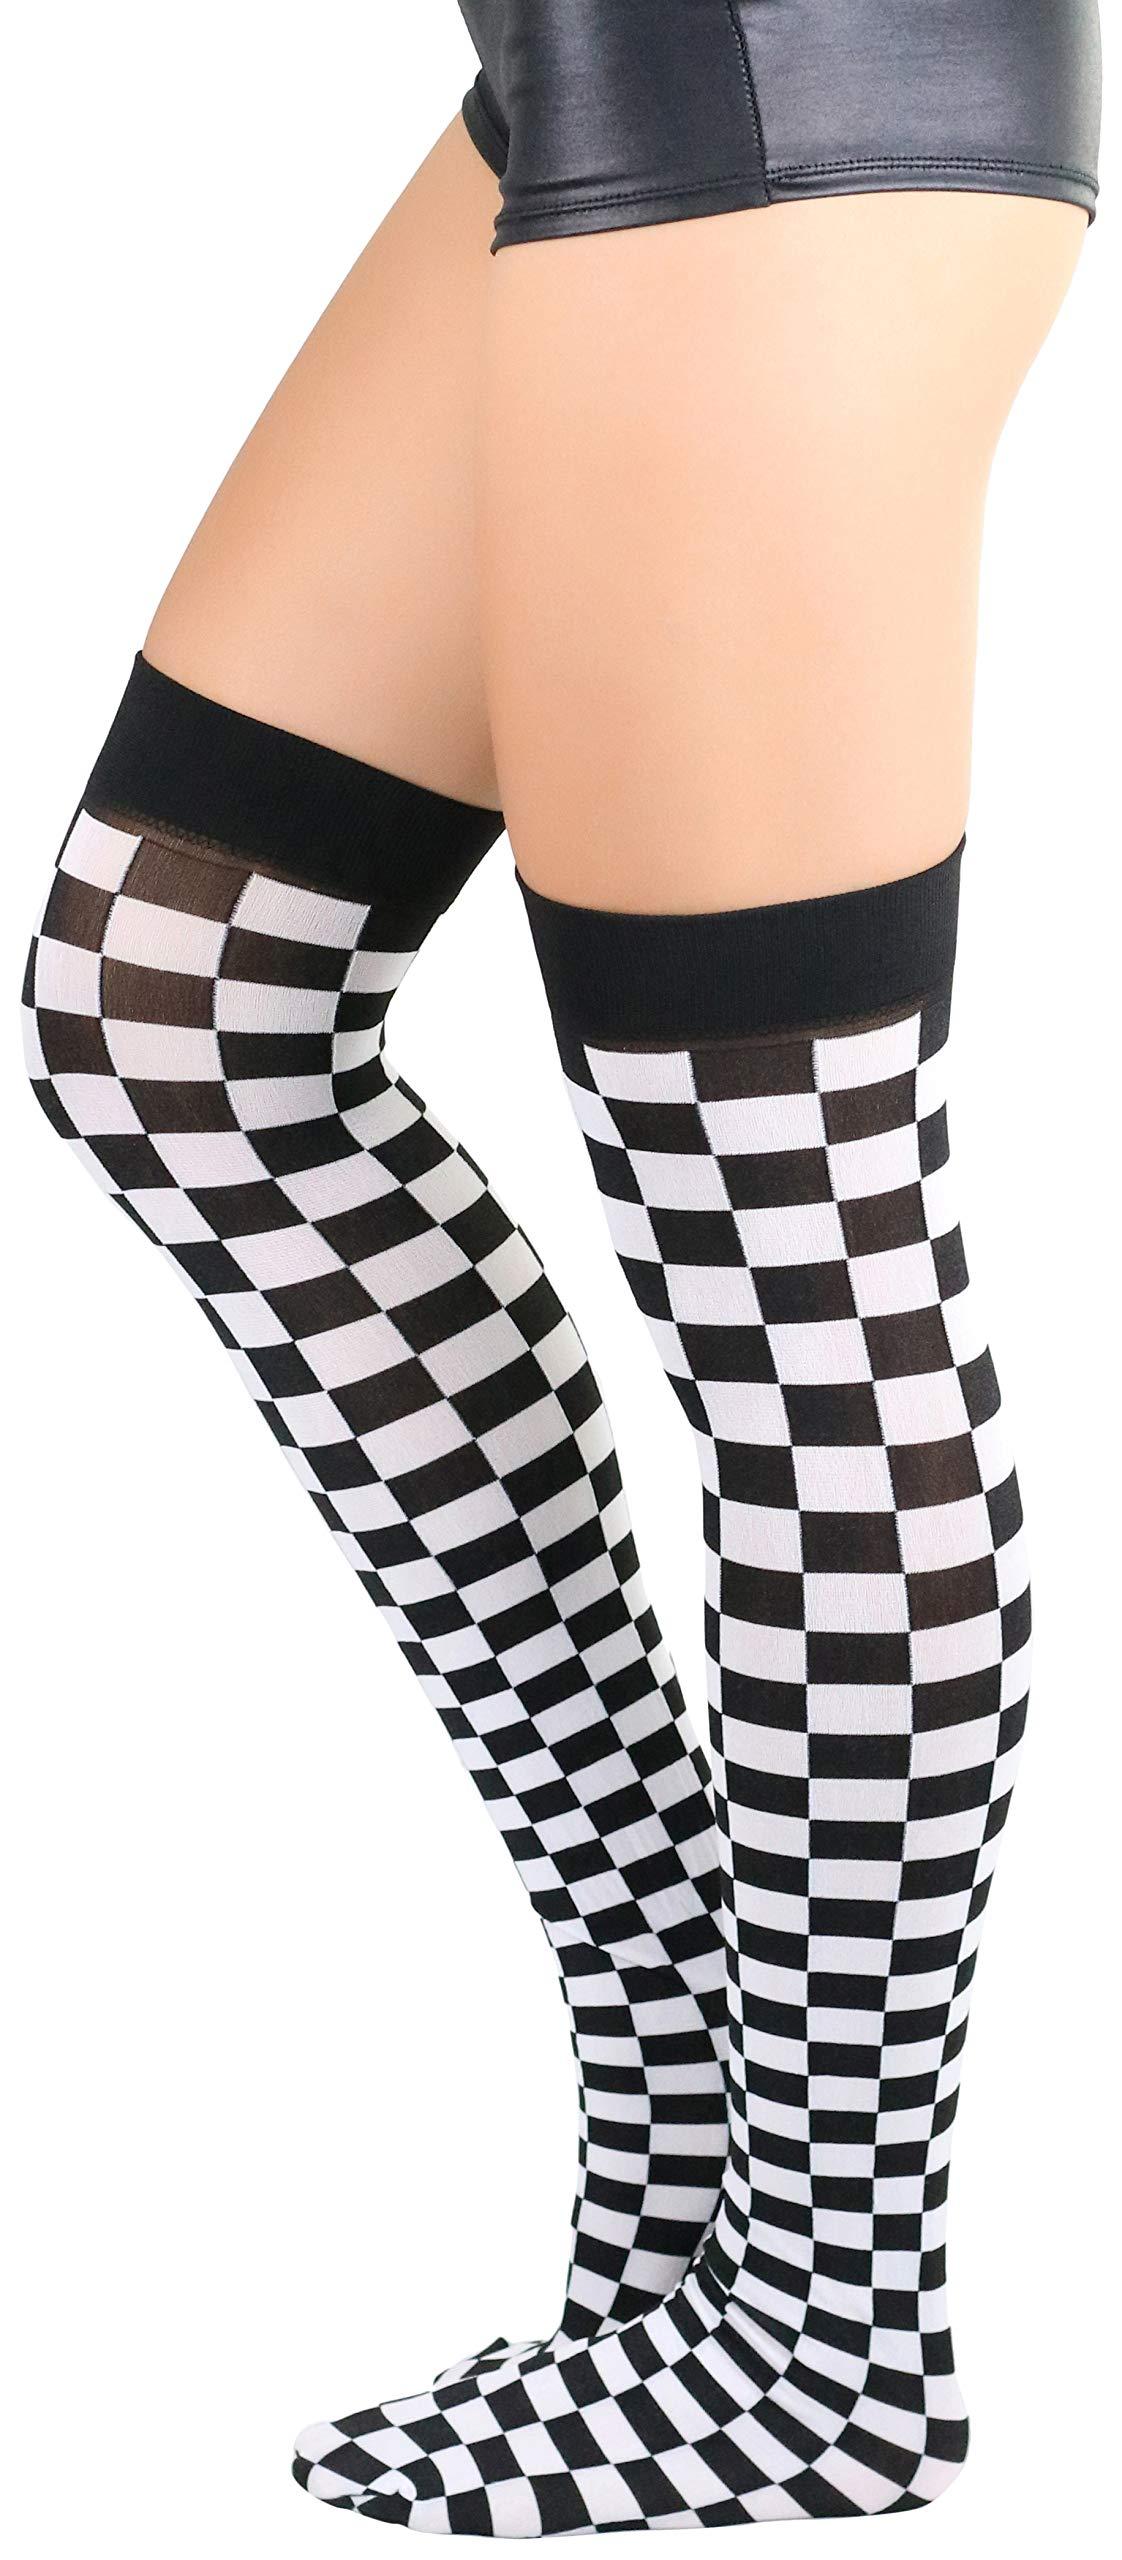 ToBeInStyle Women's Checkered Stockings Black/White - OS